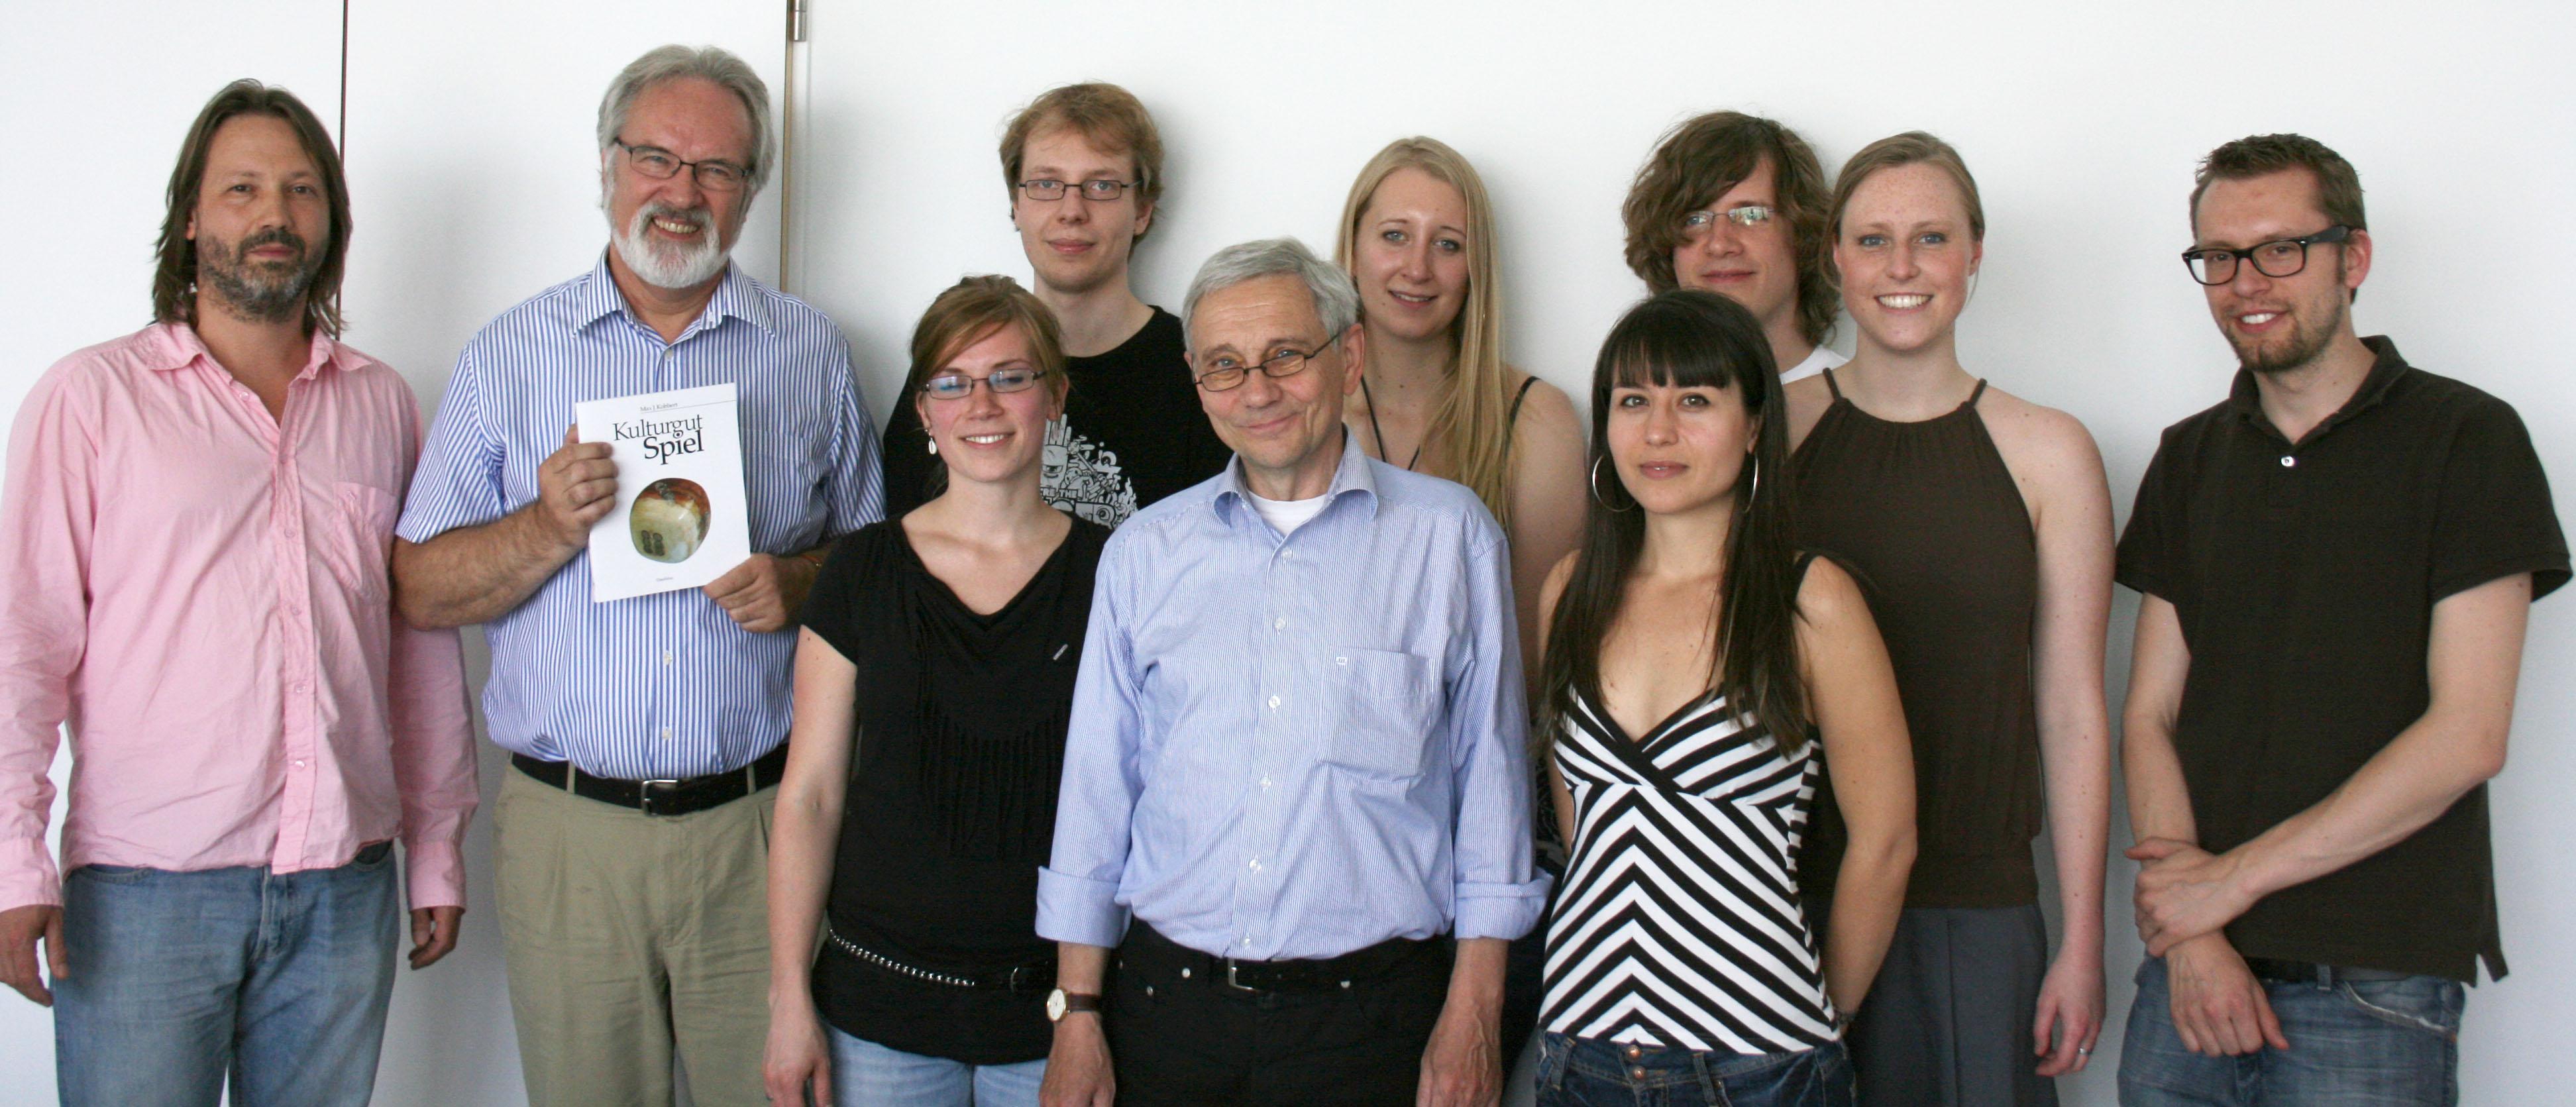 Diplom-Designer Paul Plattner-Wodarczak,  Prof. Dr. Max Kobbert und die studentische Projektgruppe